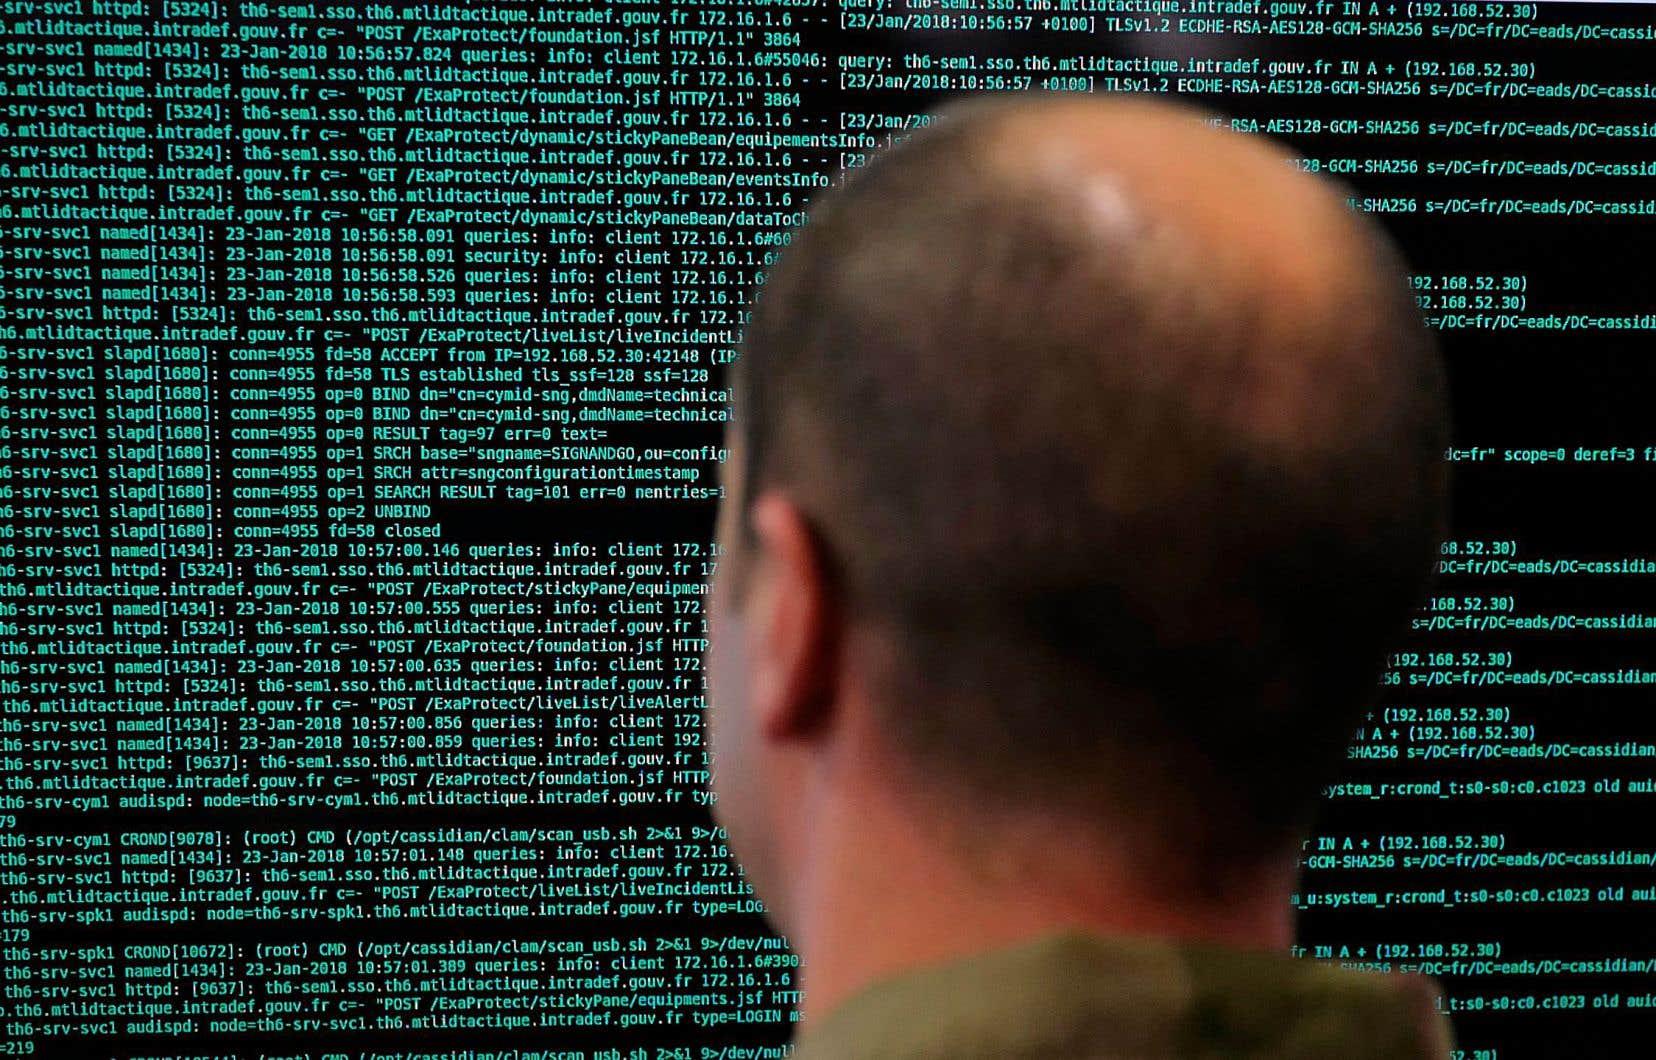 Un soldat français lit des lignes de code sur son écran au ministère de la Défense au cours d'un forum international sur la cybersécurité qui s'est déroulé à Lille en janvier dernier.